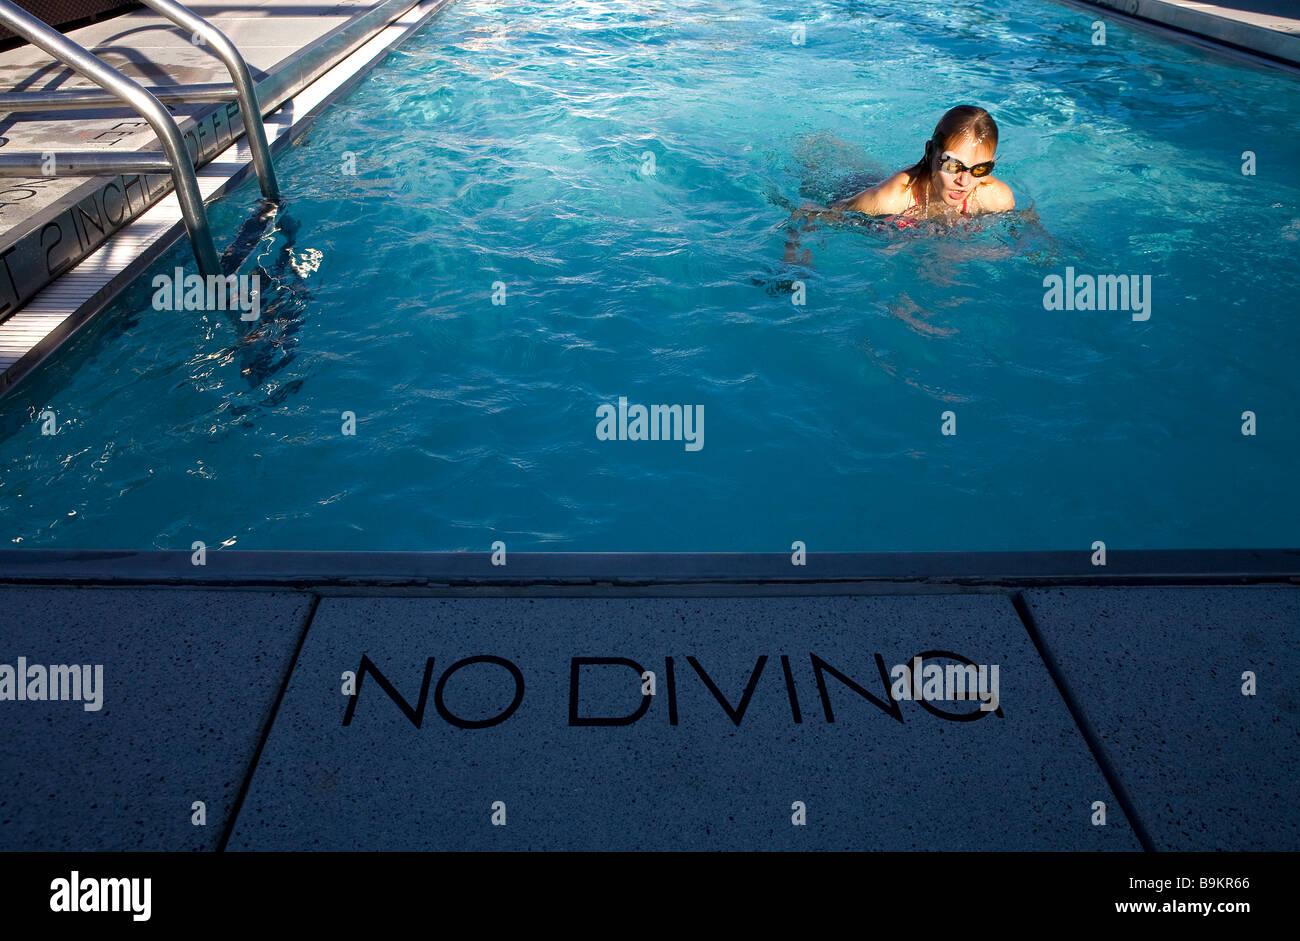 United States, New York City, Manhattan, Gansevoort Hotel, swimming